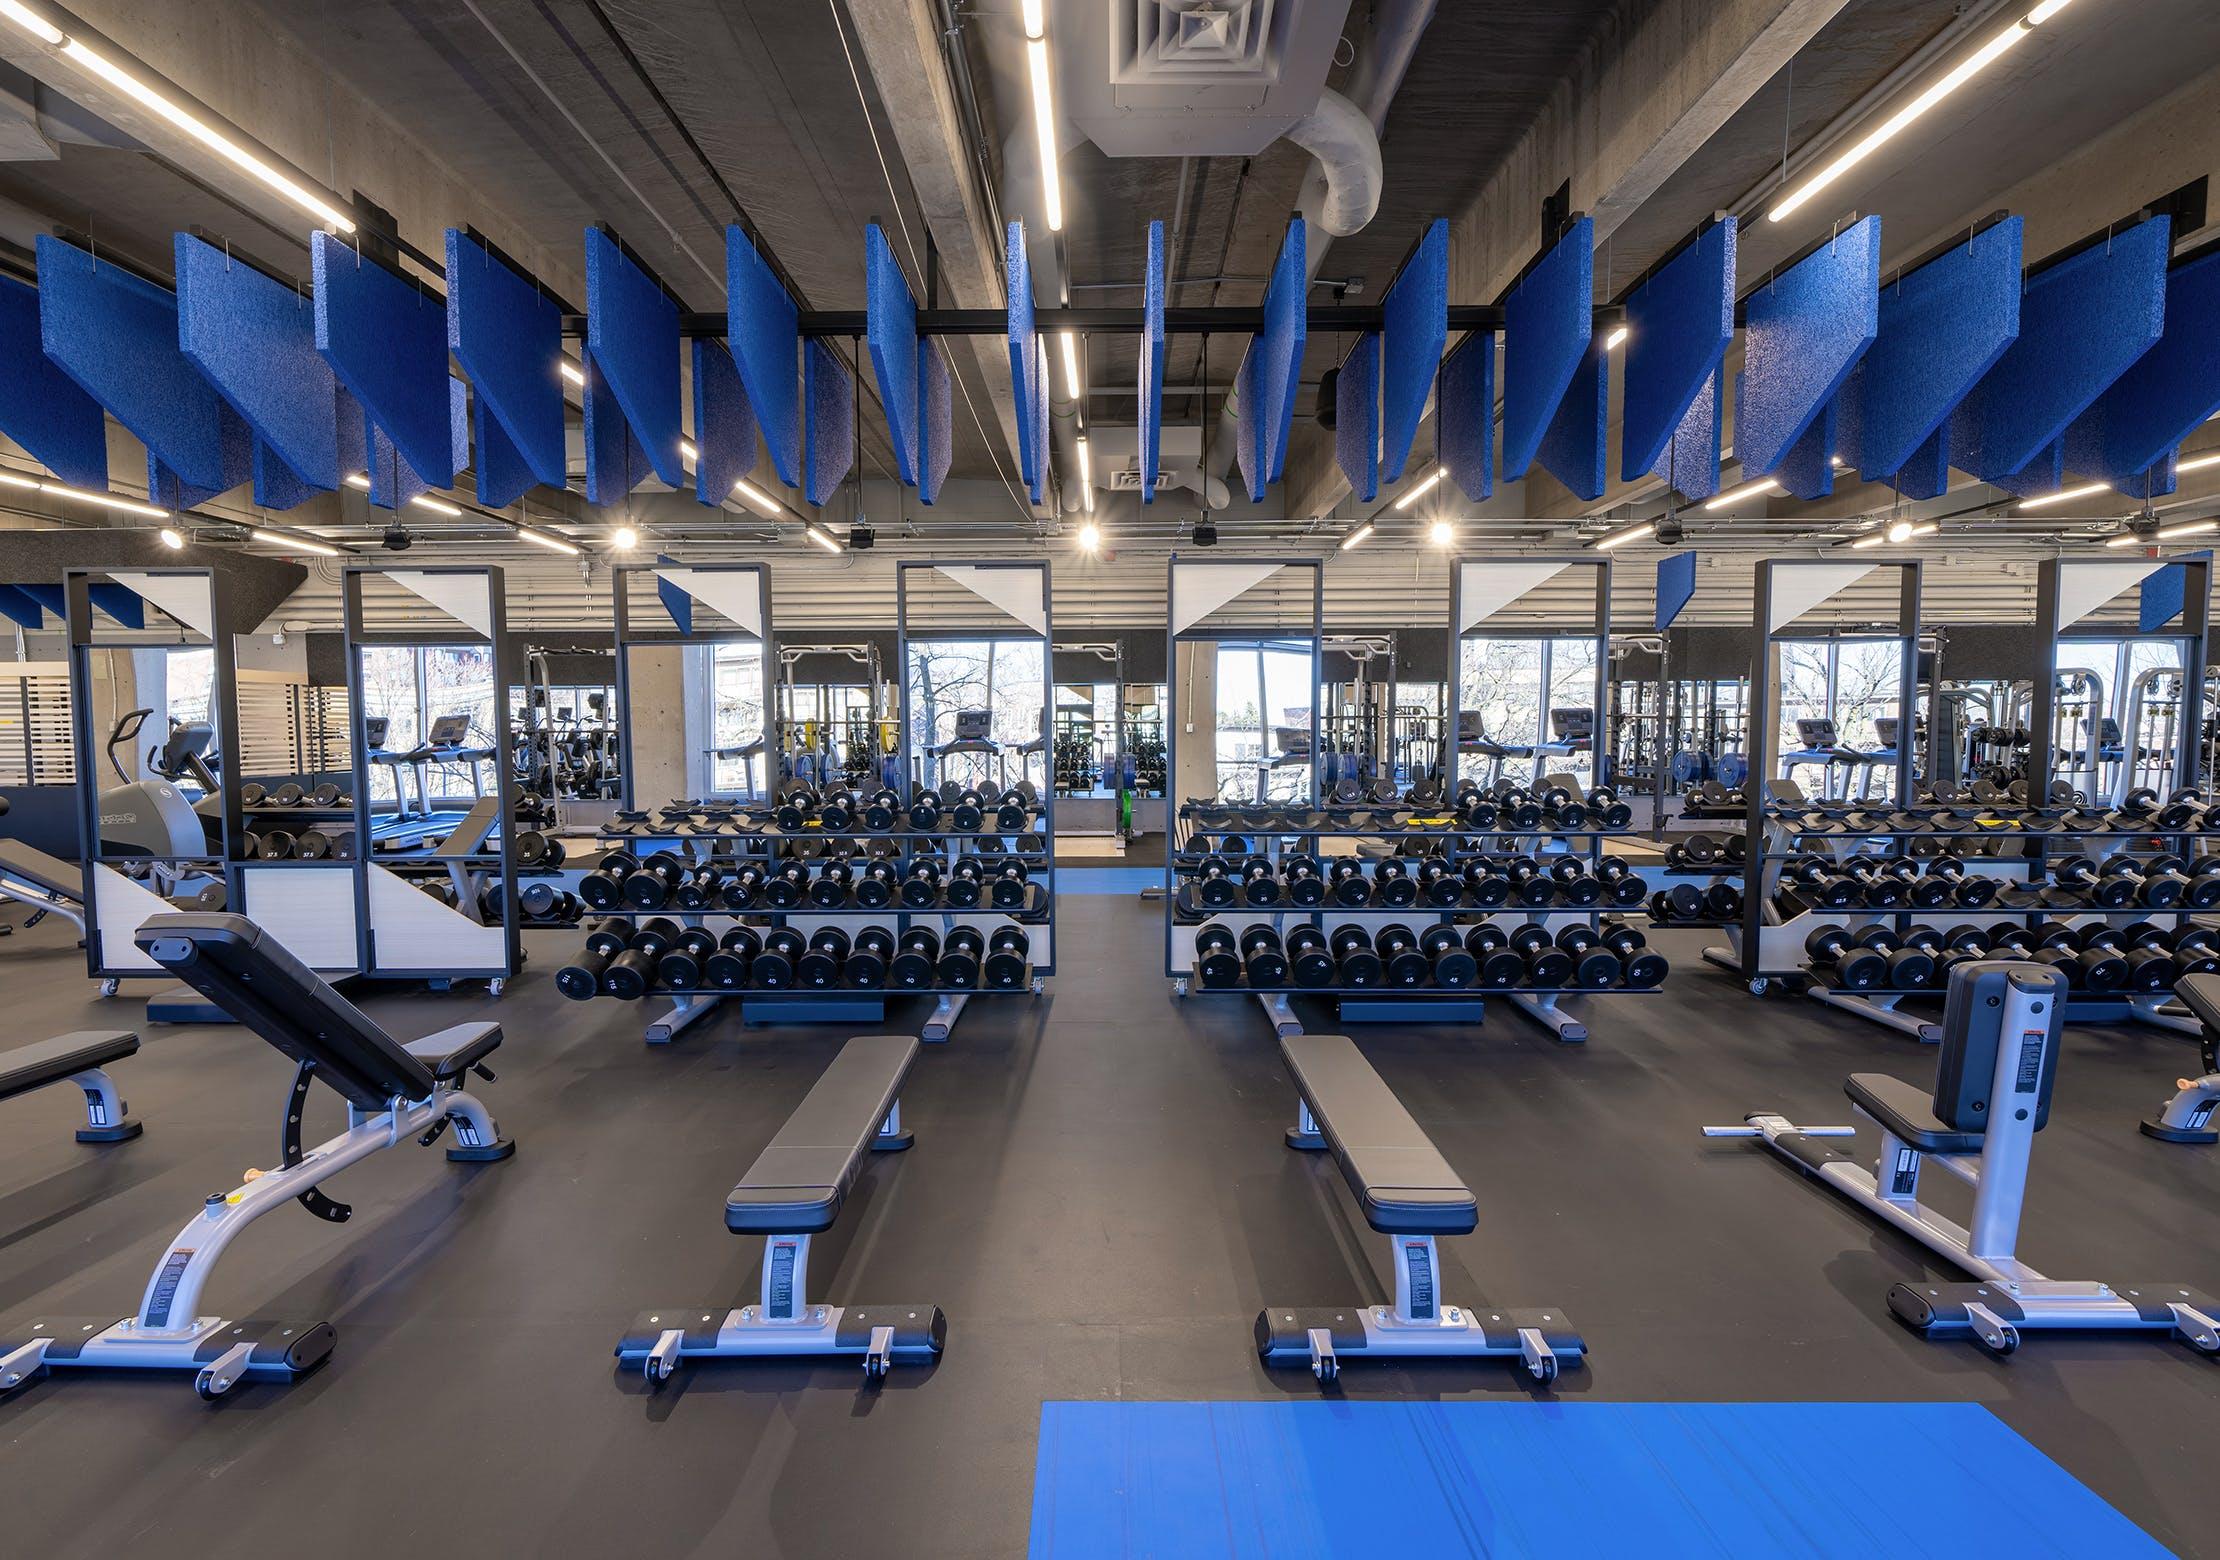 Salle d'entrainement - Zone de poids libres et de liftings | CEPSUM